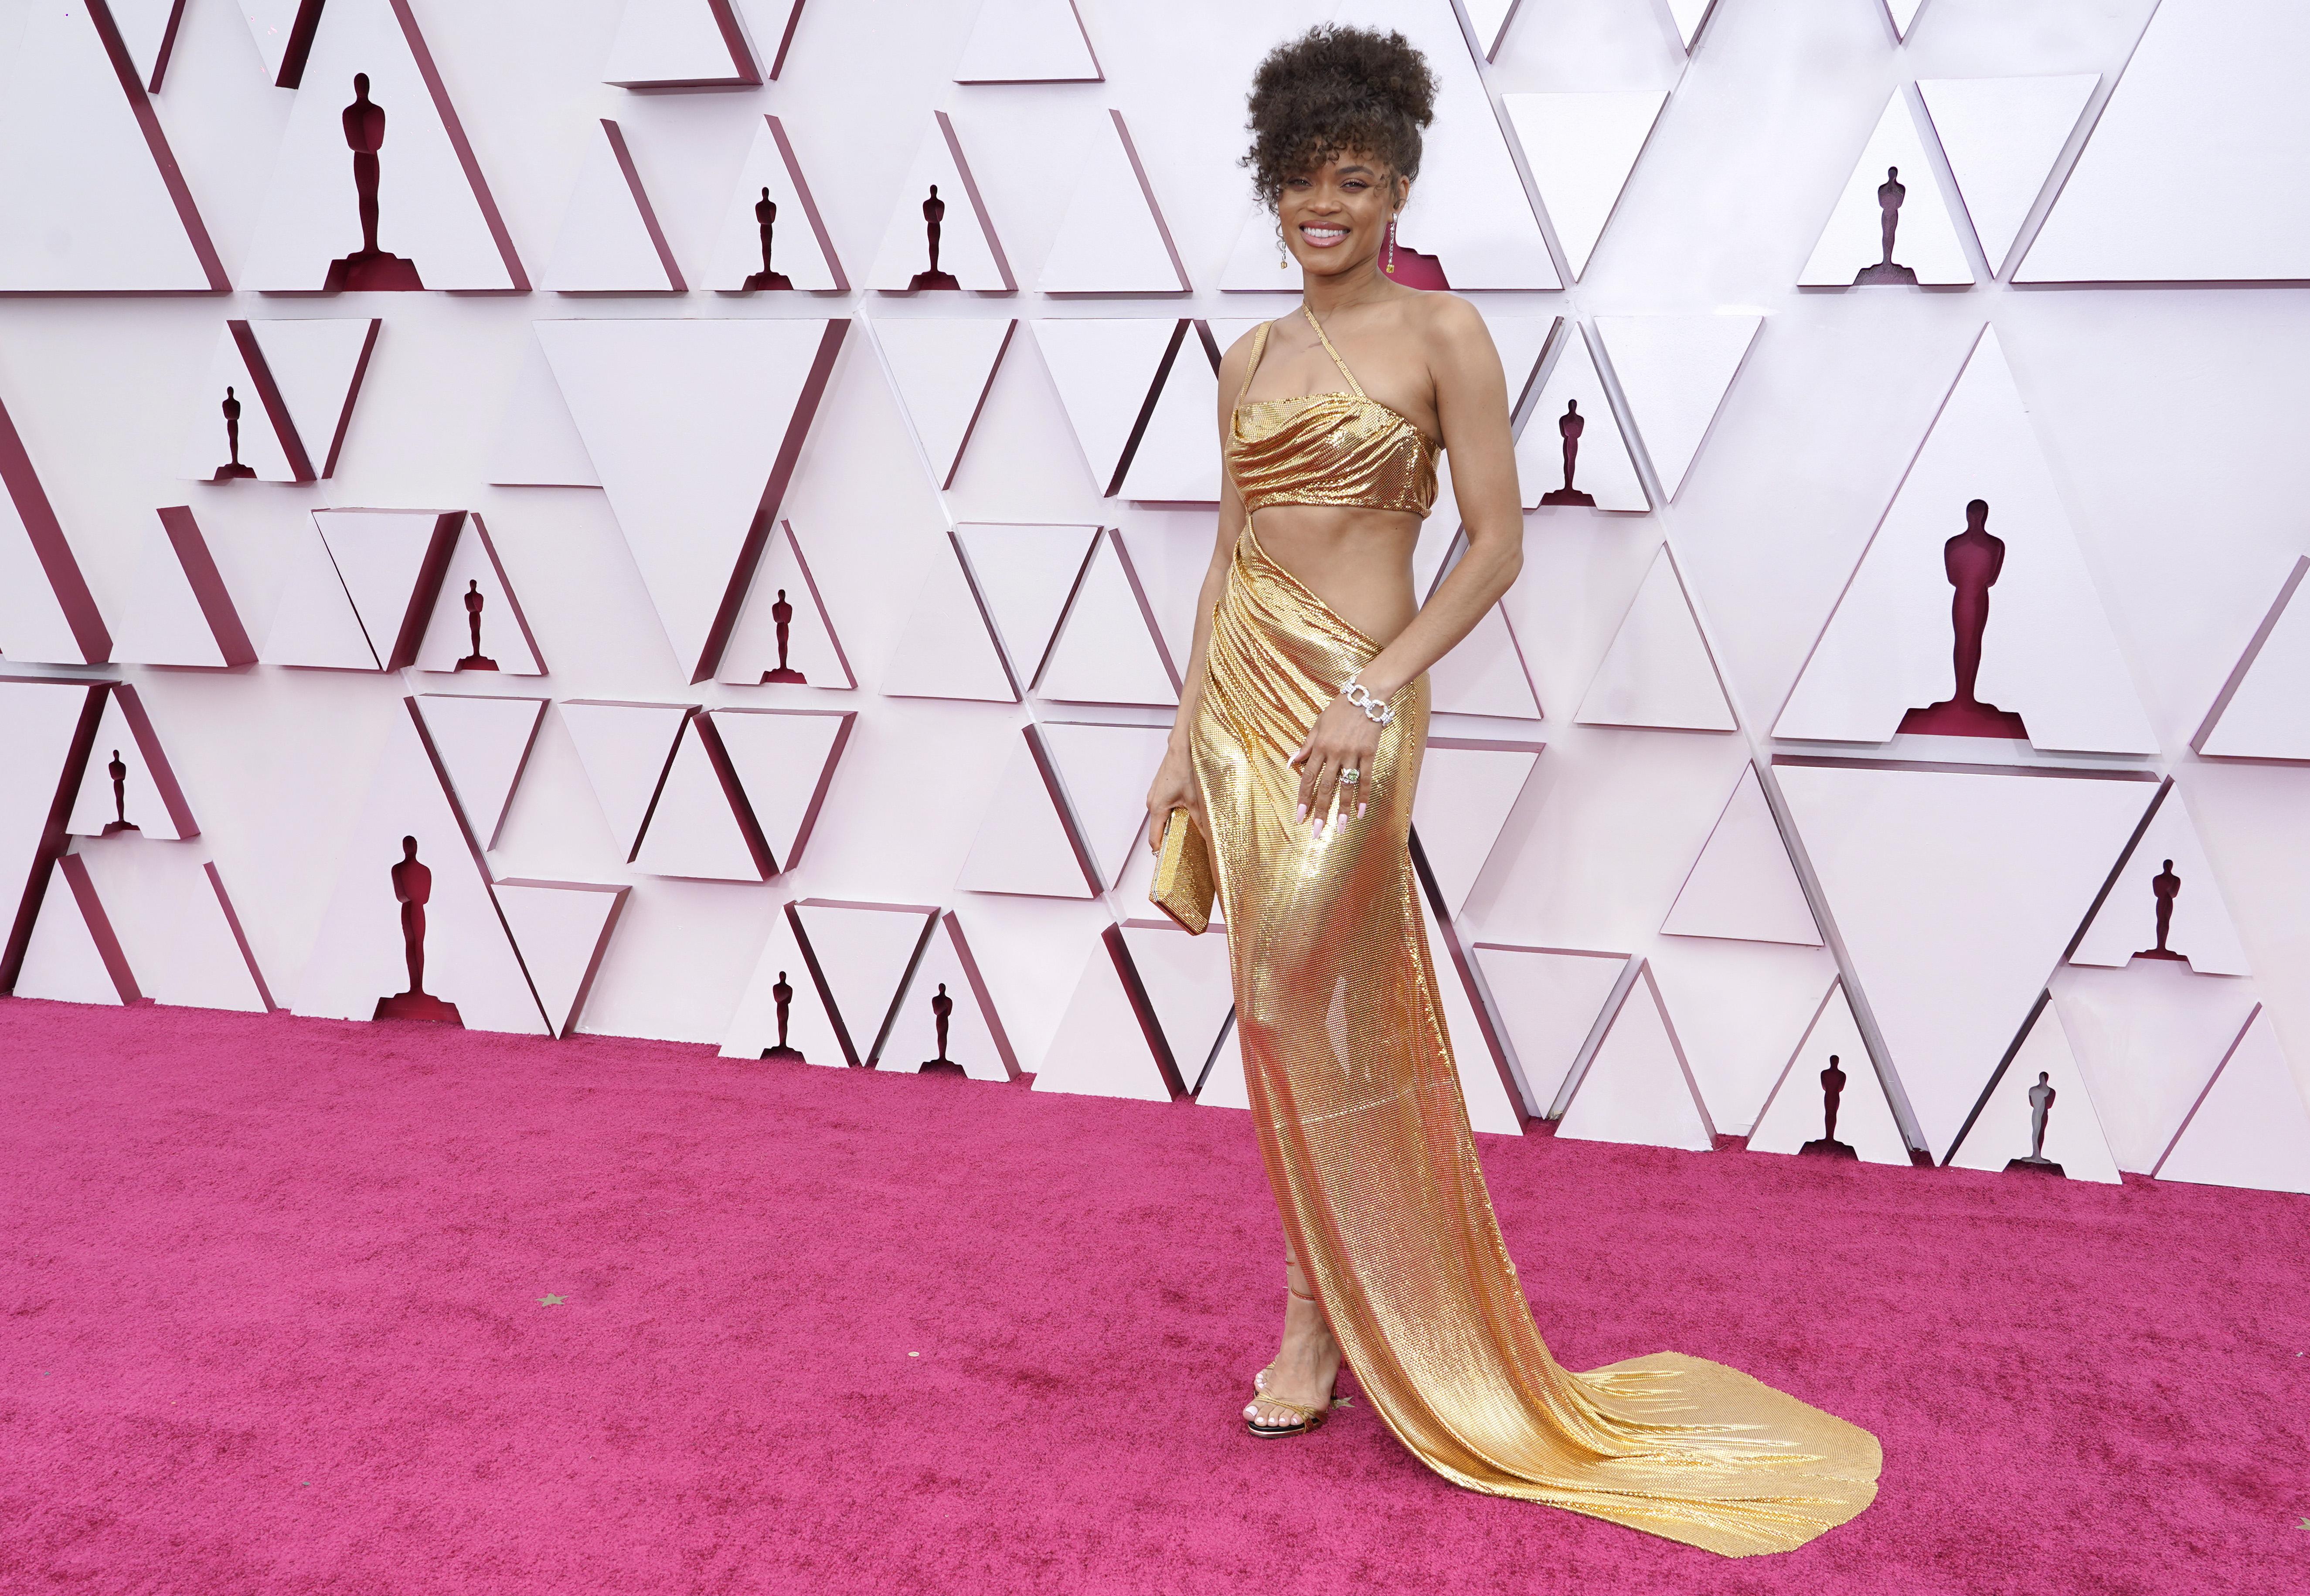 Andra é uma mulher negra, com cabelos castanhos cacheados presos. Ela usa um vestido dourado com recorte abaixo do seio e por toda a lateral do torso.